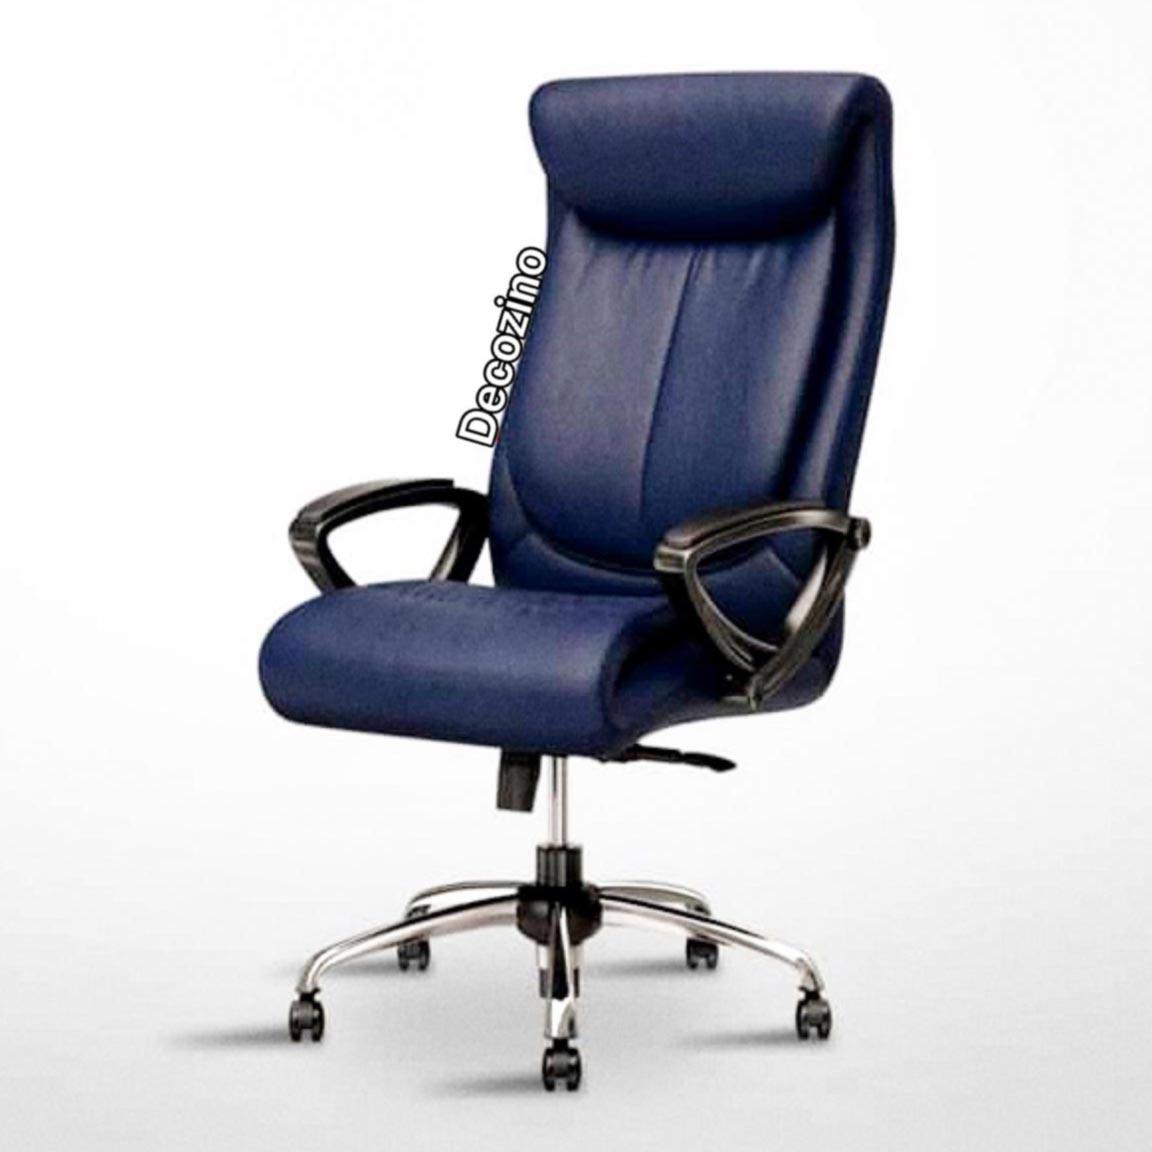 صندلی چرخدار مدیریتی